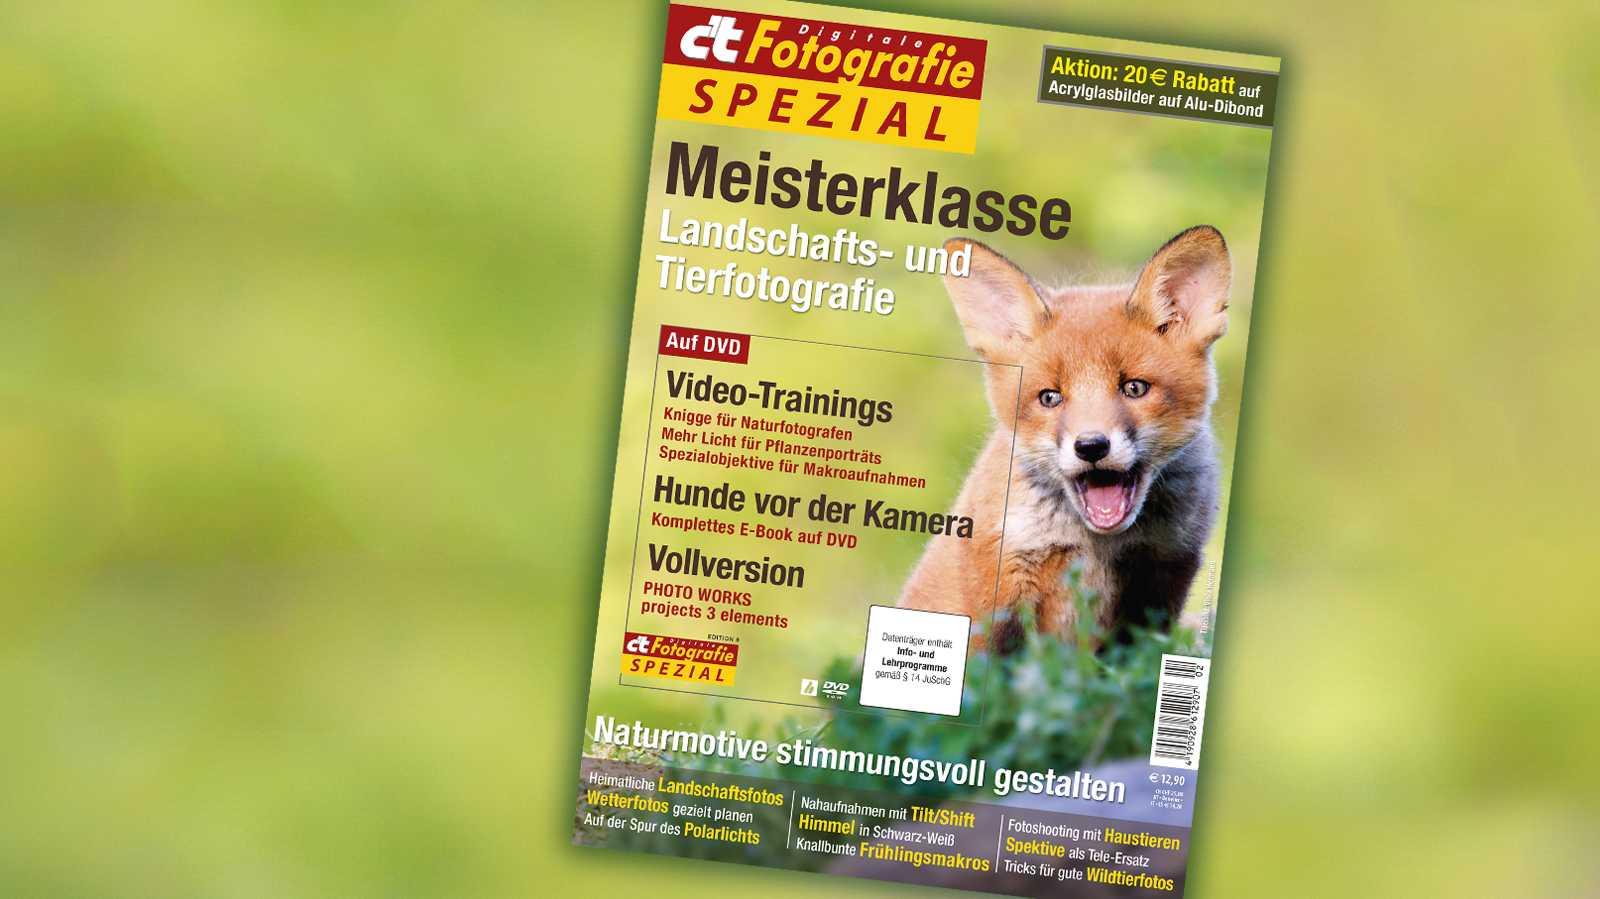 c't Fotografie Meisterklasse Landschafts- und Tierfotografie